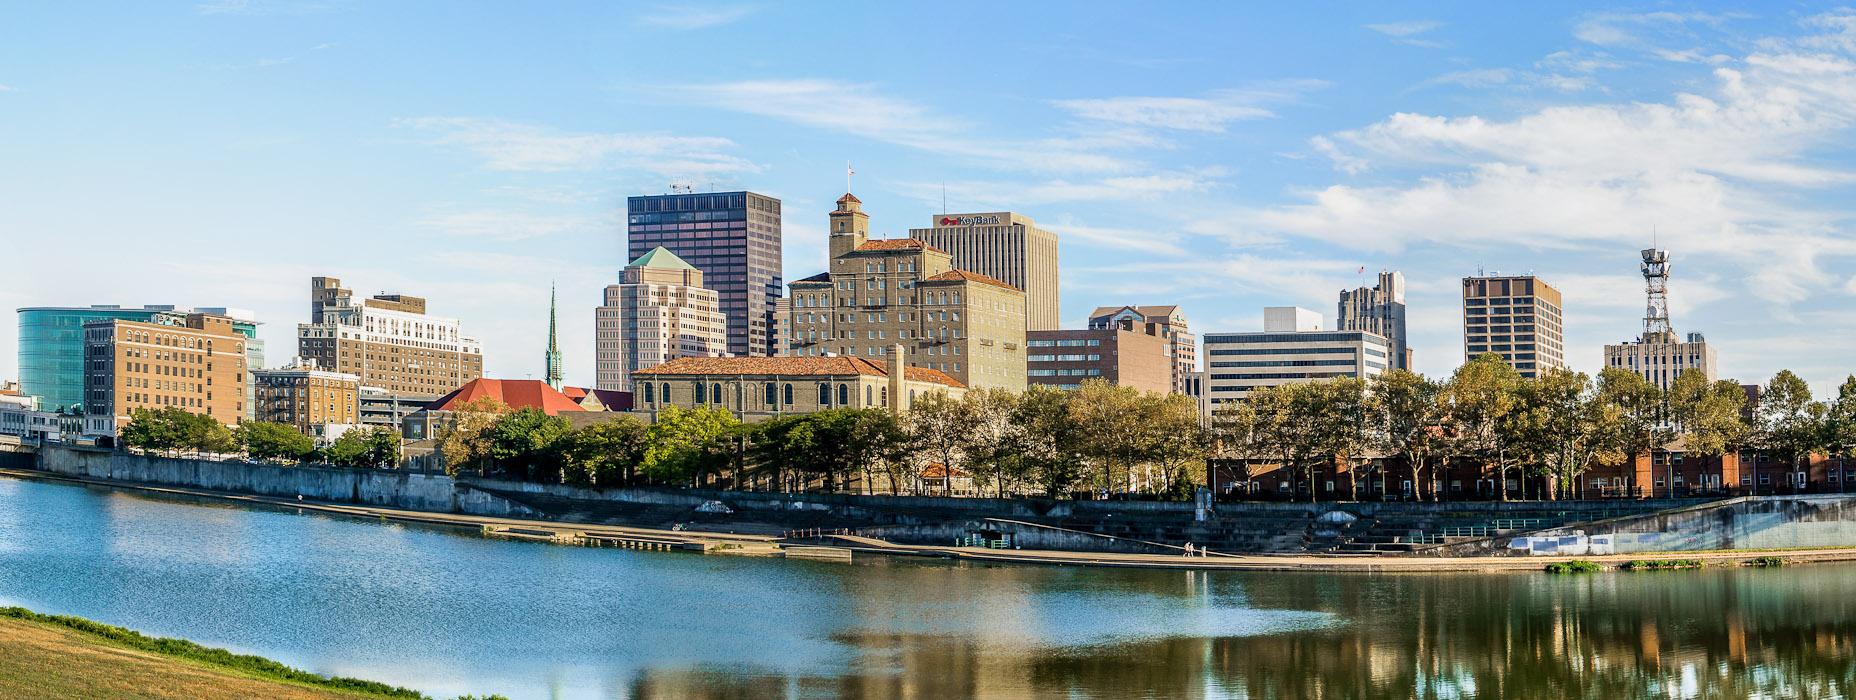 Dayton, OH Skyline